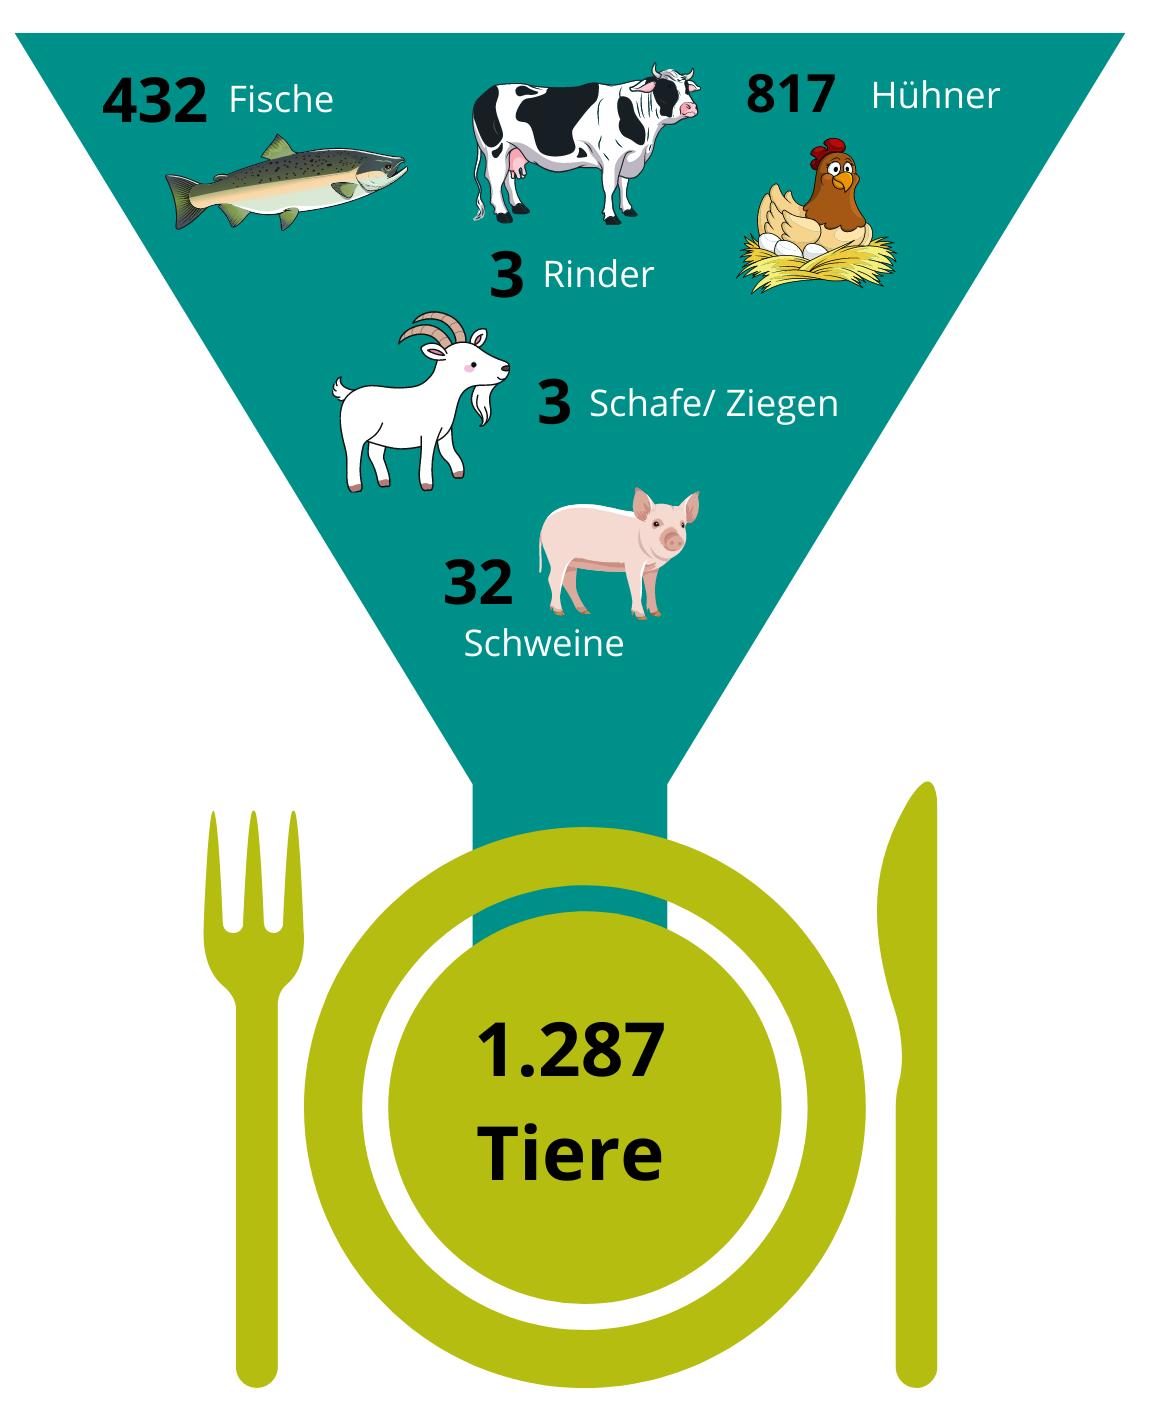 Ein*e durchschnittliche Österreicher*in verspeist im Laufe seines*ihres Lebens 1.287 Tiere